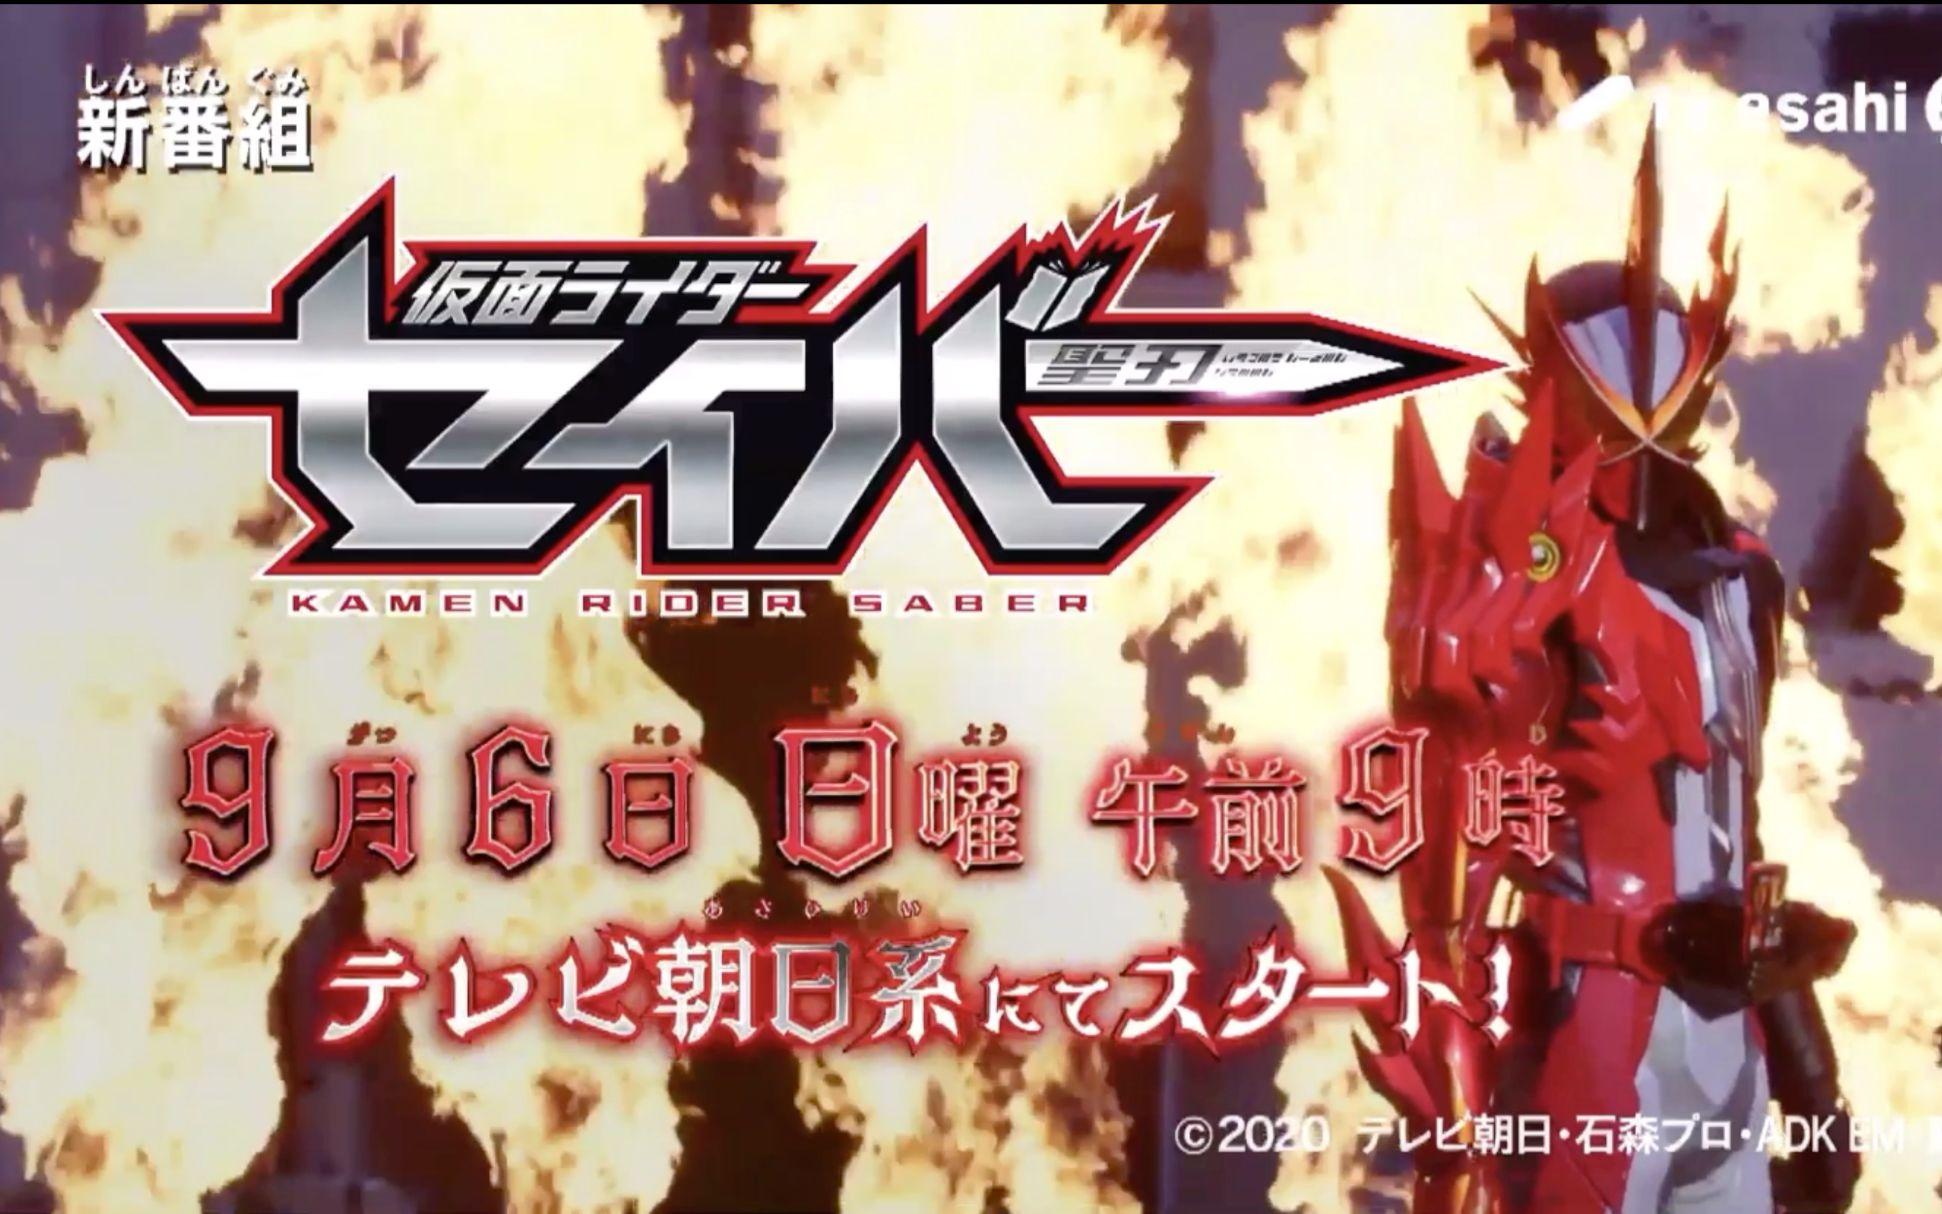 假面骑士圣刃/Saber 新番预告 2020年9月6日开播